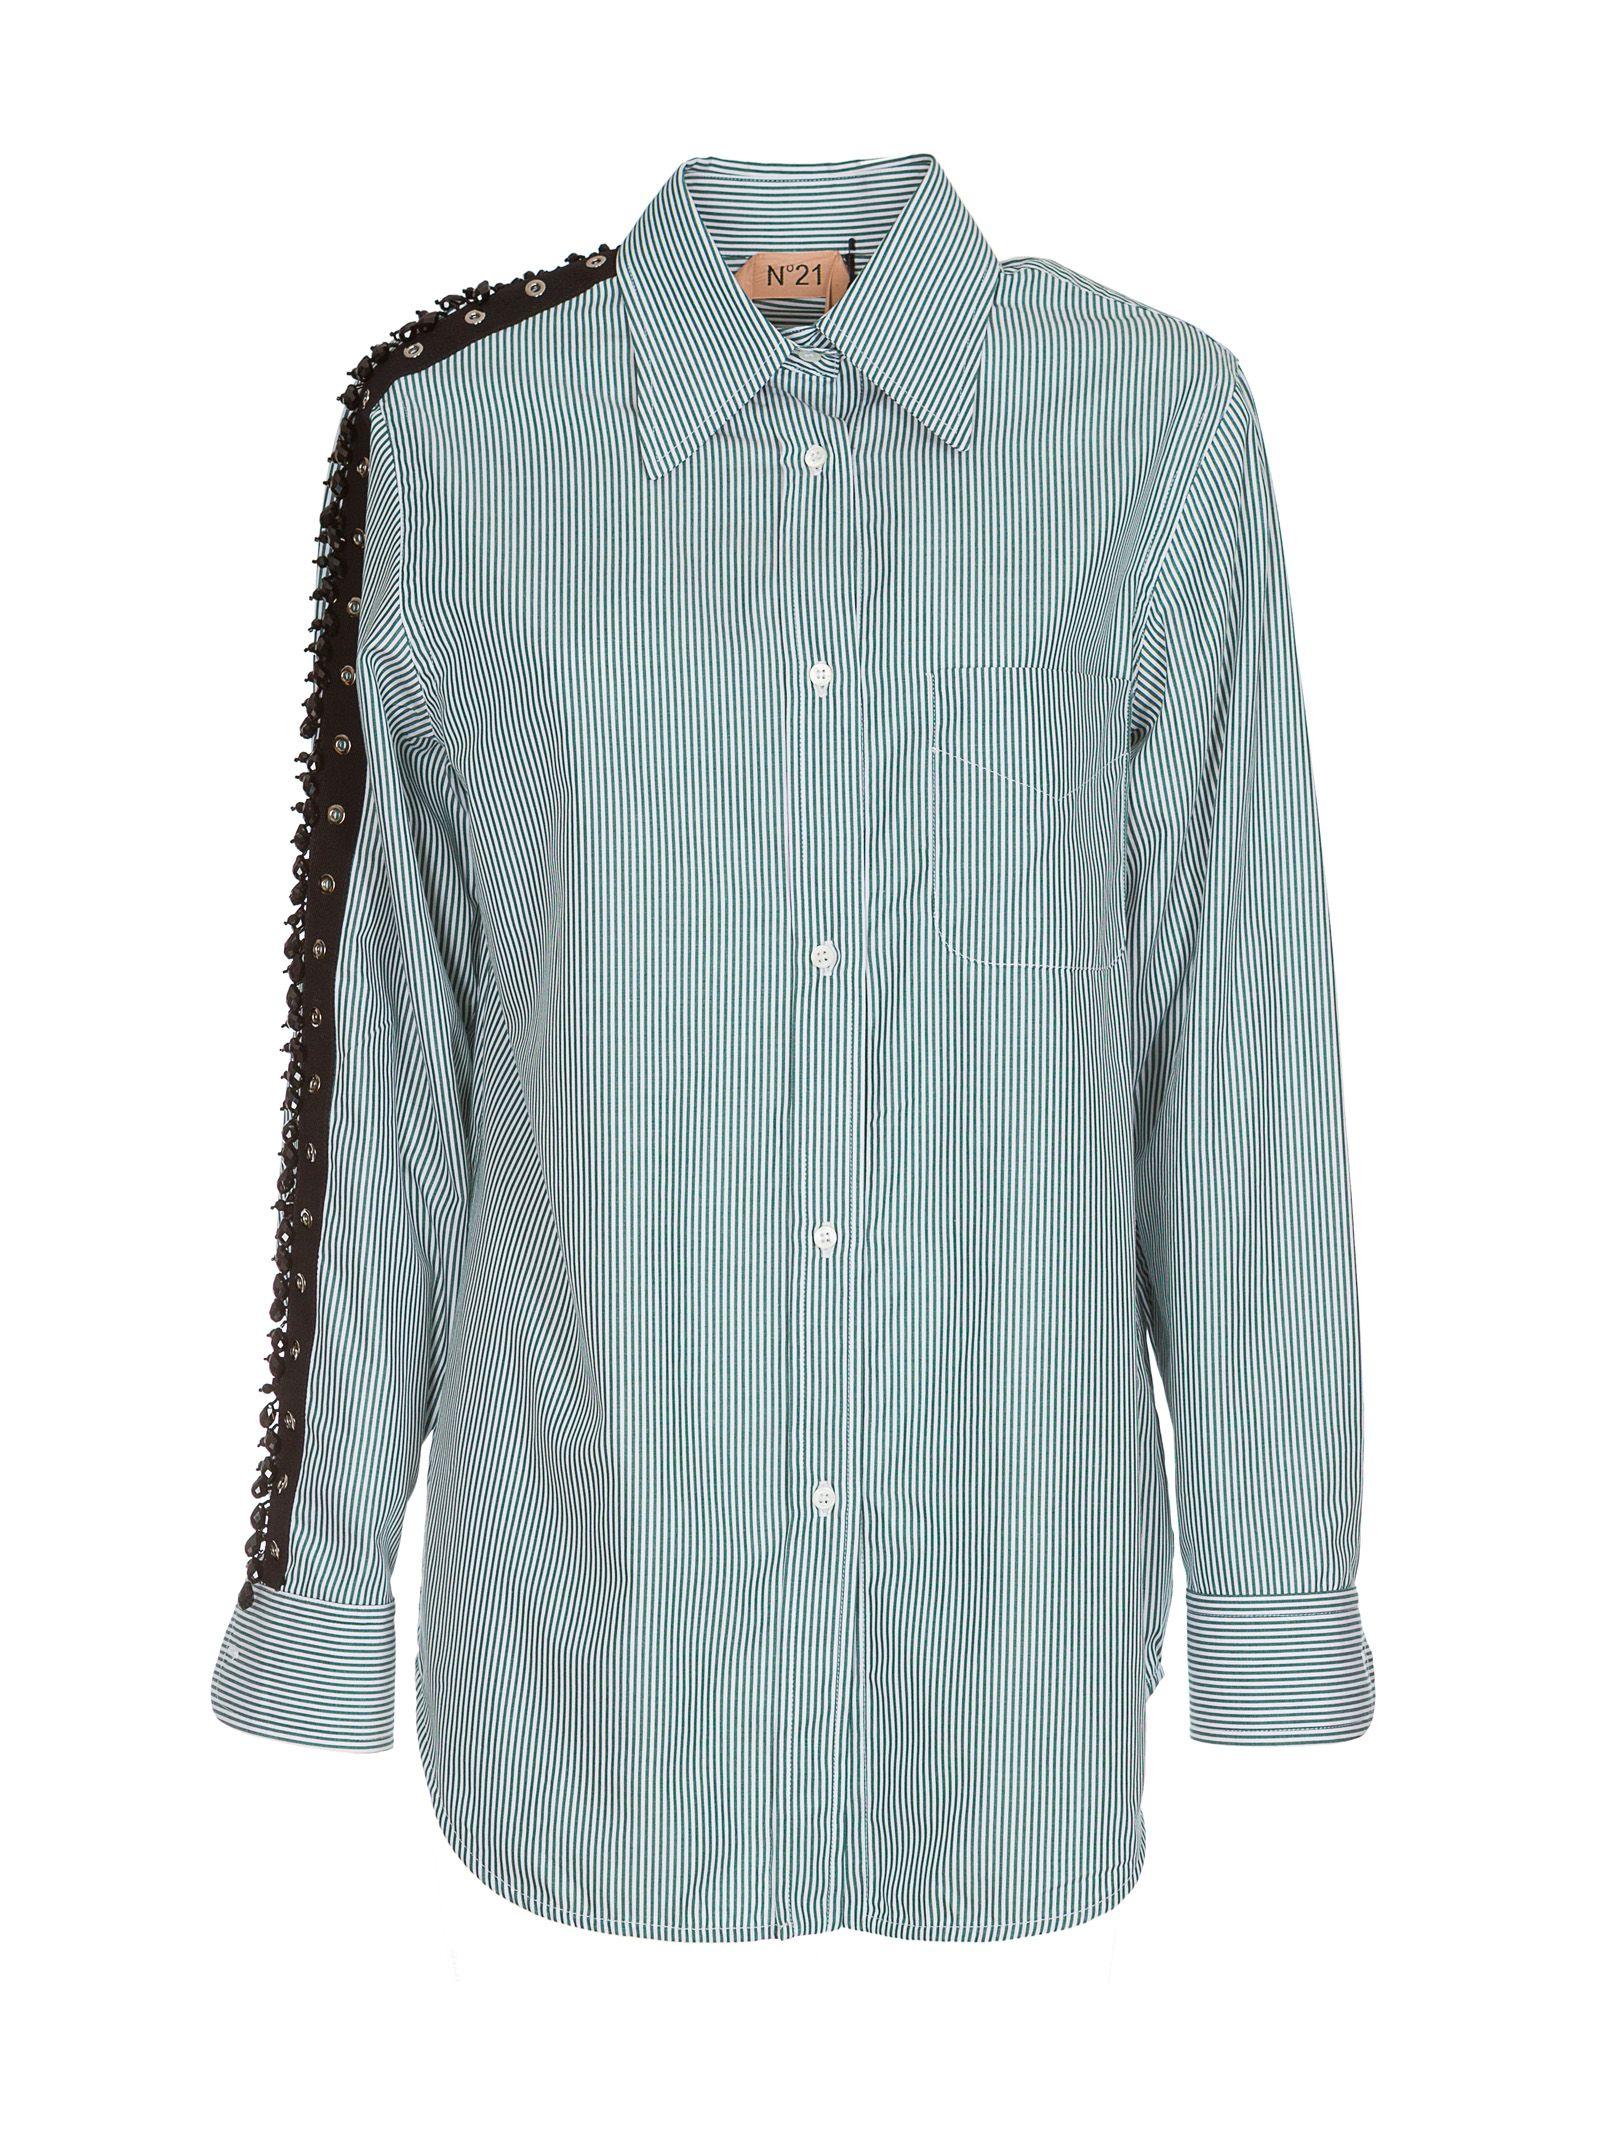 N.21 No21 Embellished Shirt